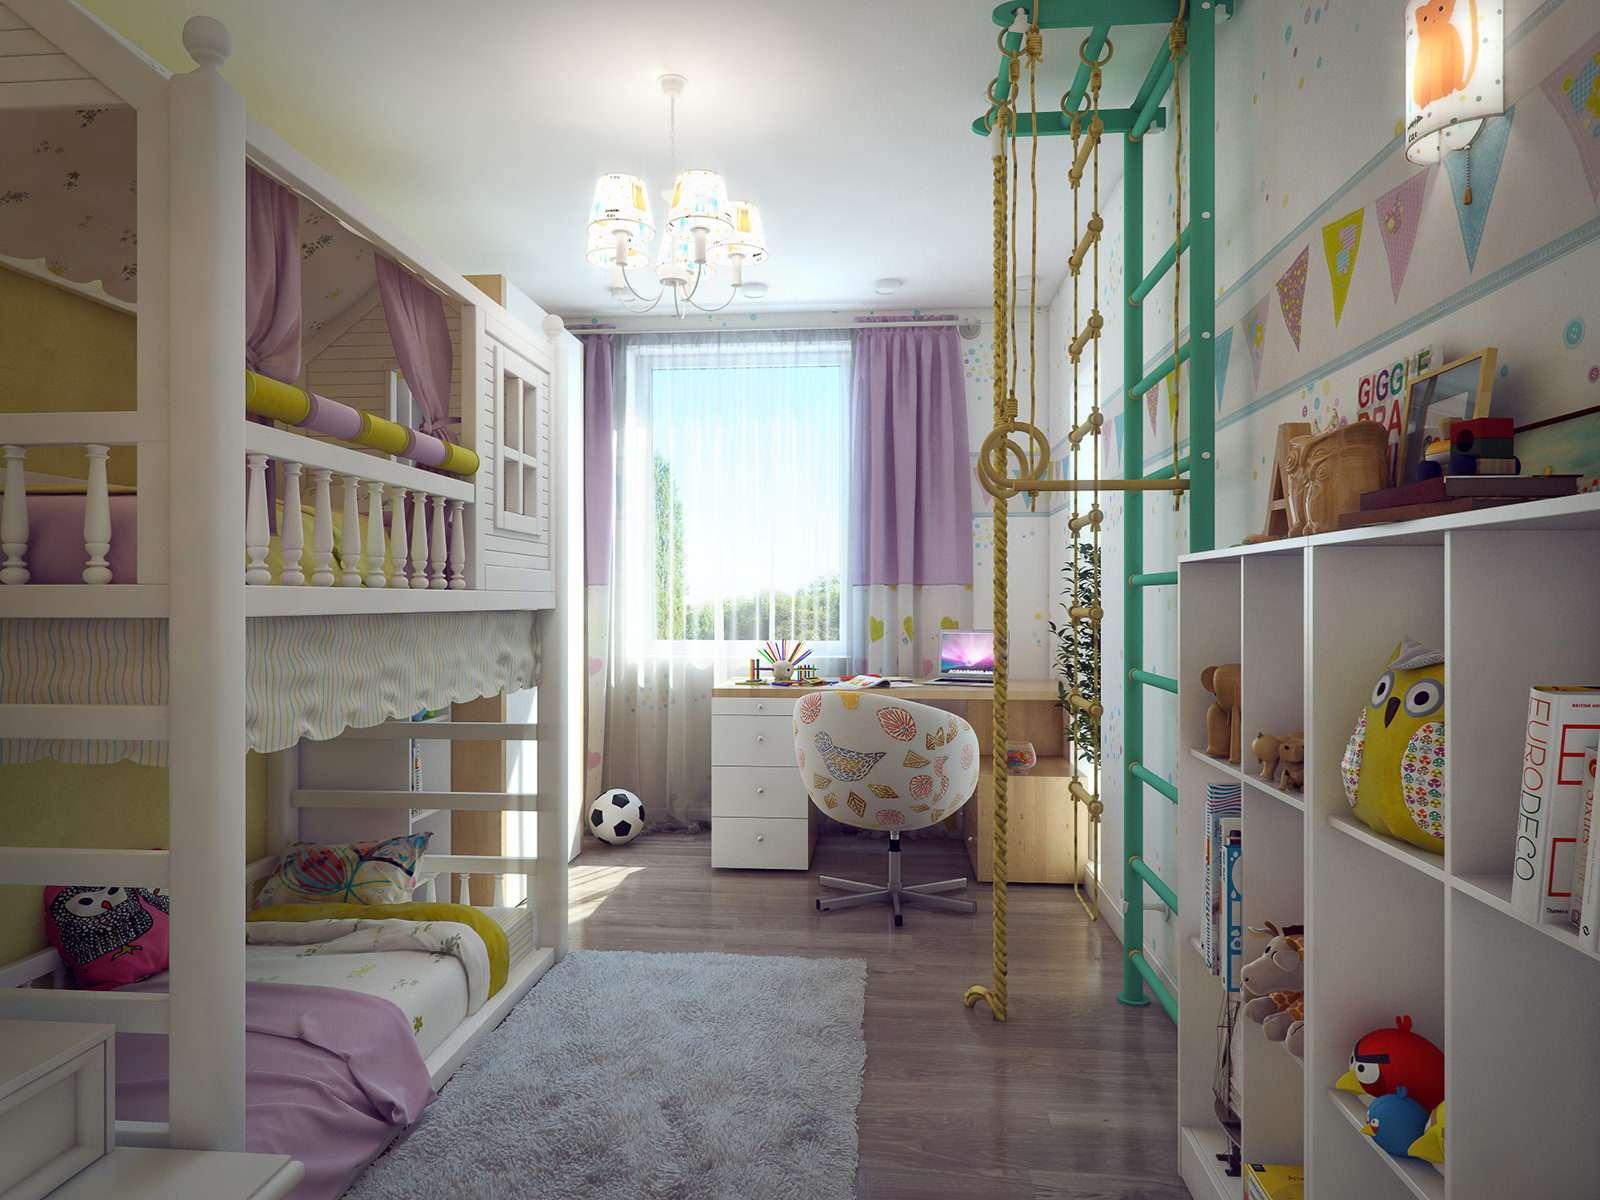 Комната для двух девочек разного возраста (фото)